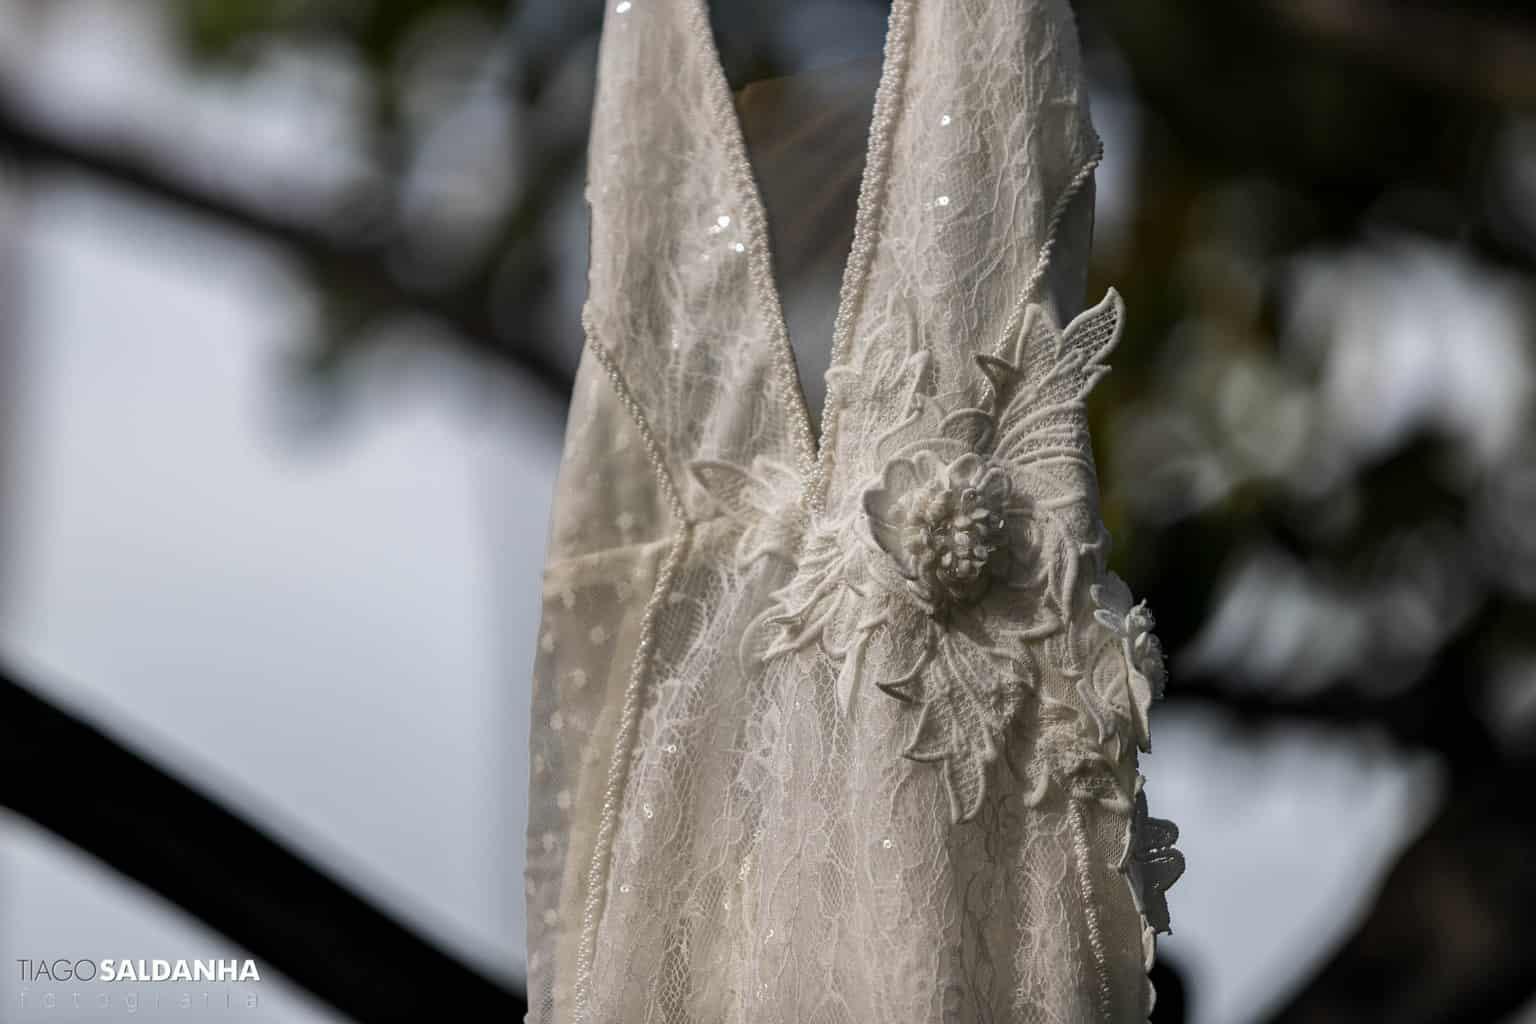 Aliança-no-Espelho-Casamento-Chandrélin-e-Laureano-cerimonia-na-praia-Chan-e-Lau-making-of-Rio-da-Barra-Vanessa-Lucietto-vestido-de-noiva7